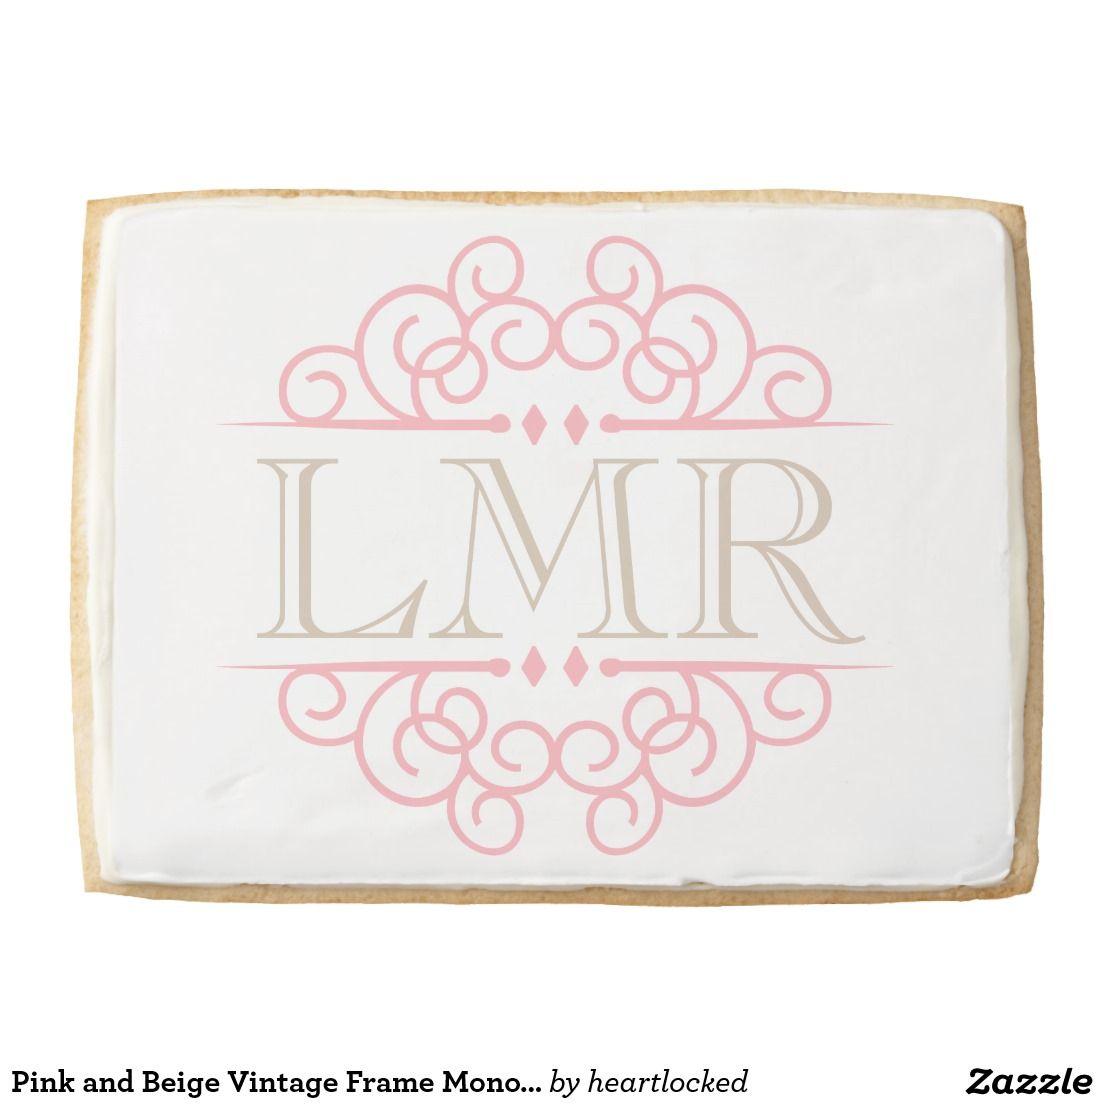 Pink and beige vintage frame monogram jumbo cookie all things